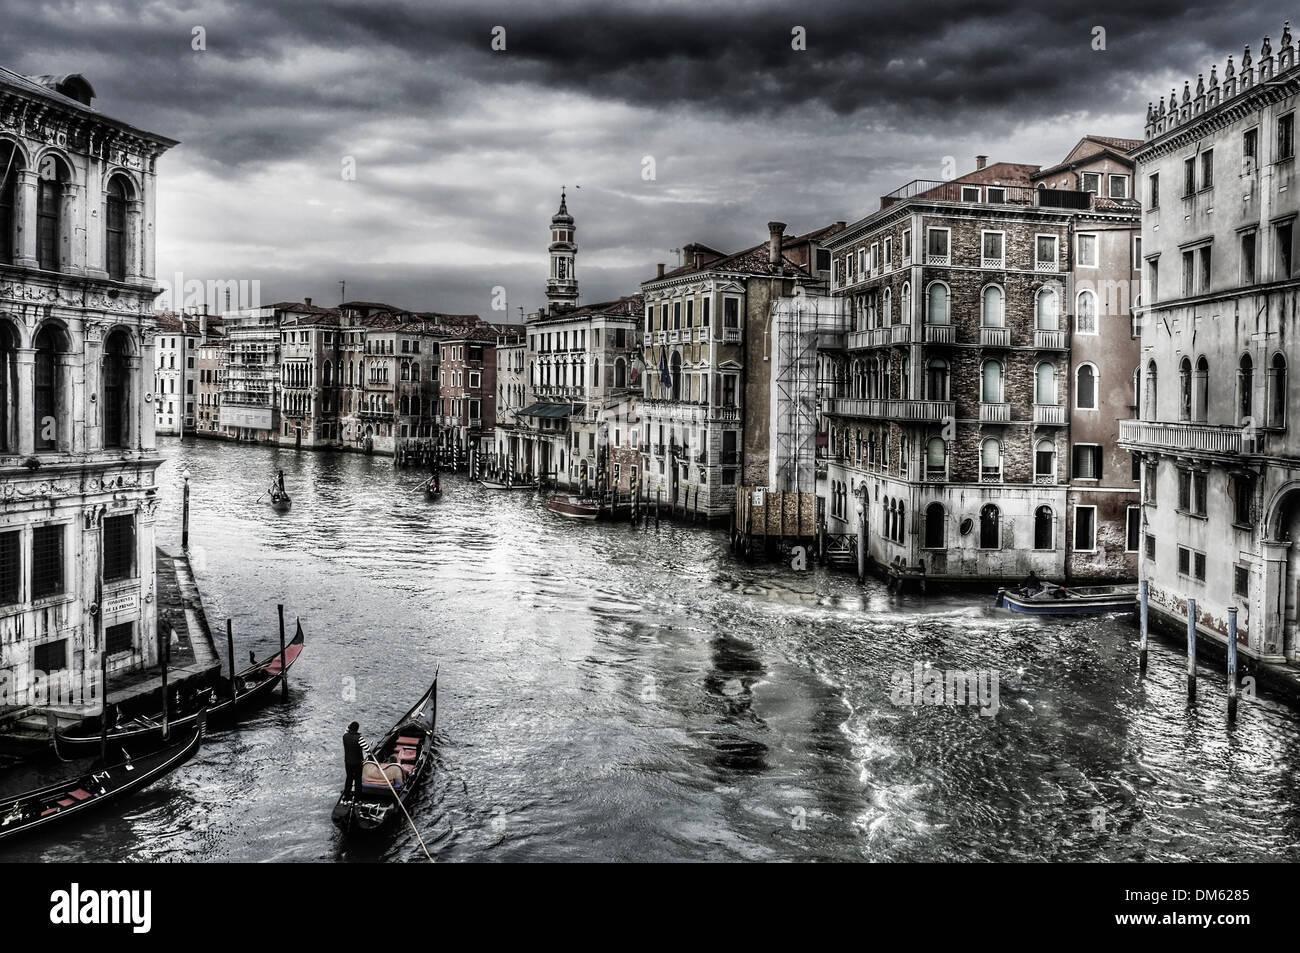 ein Blick auf den Canal Grande in Venedig, Italien Stockbild